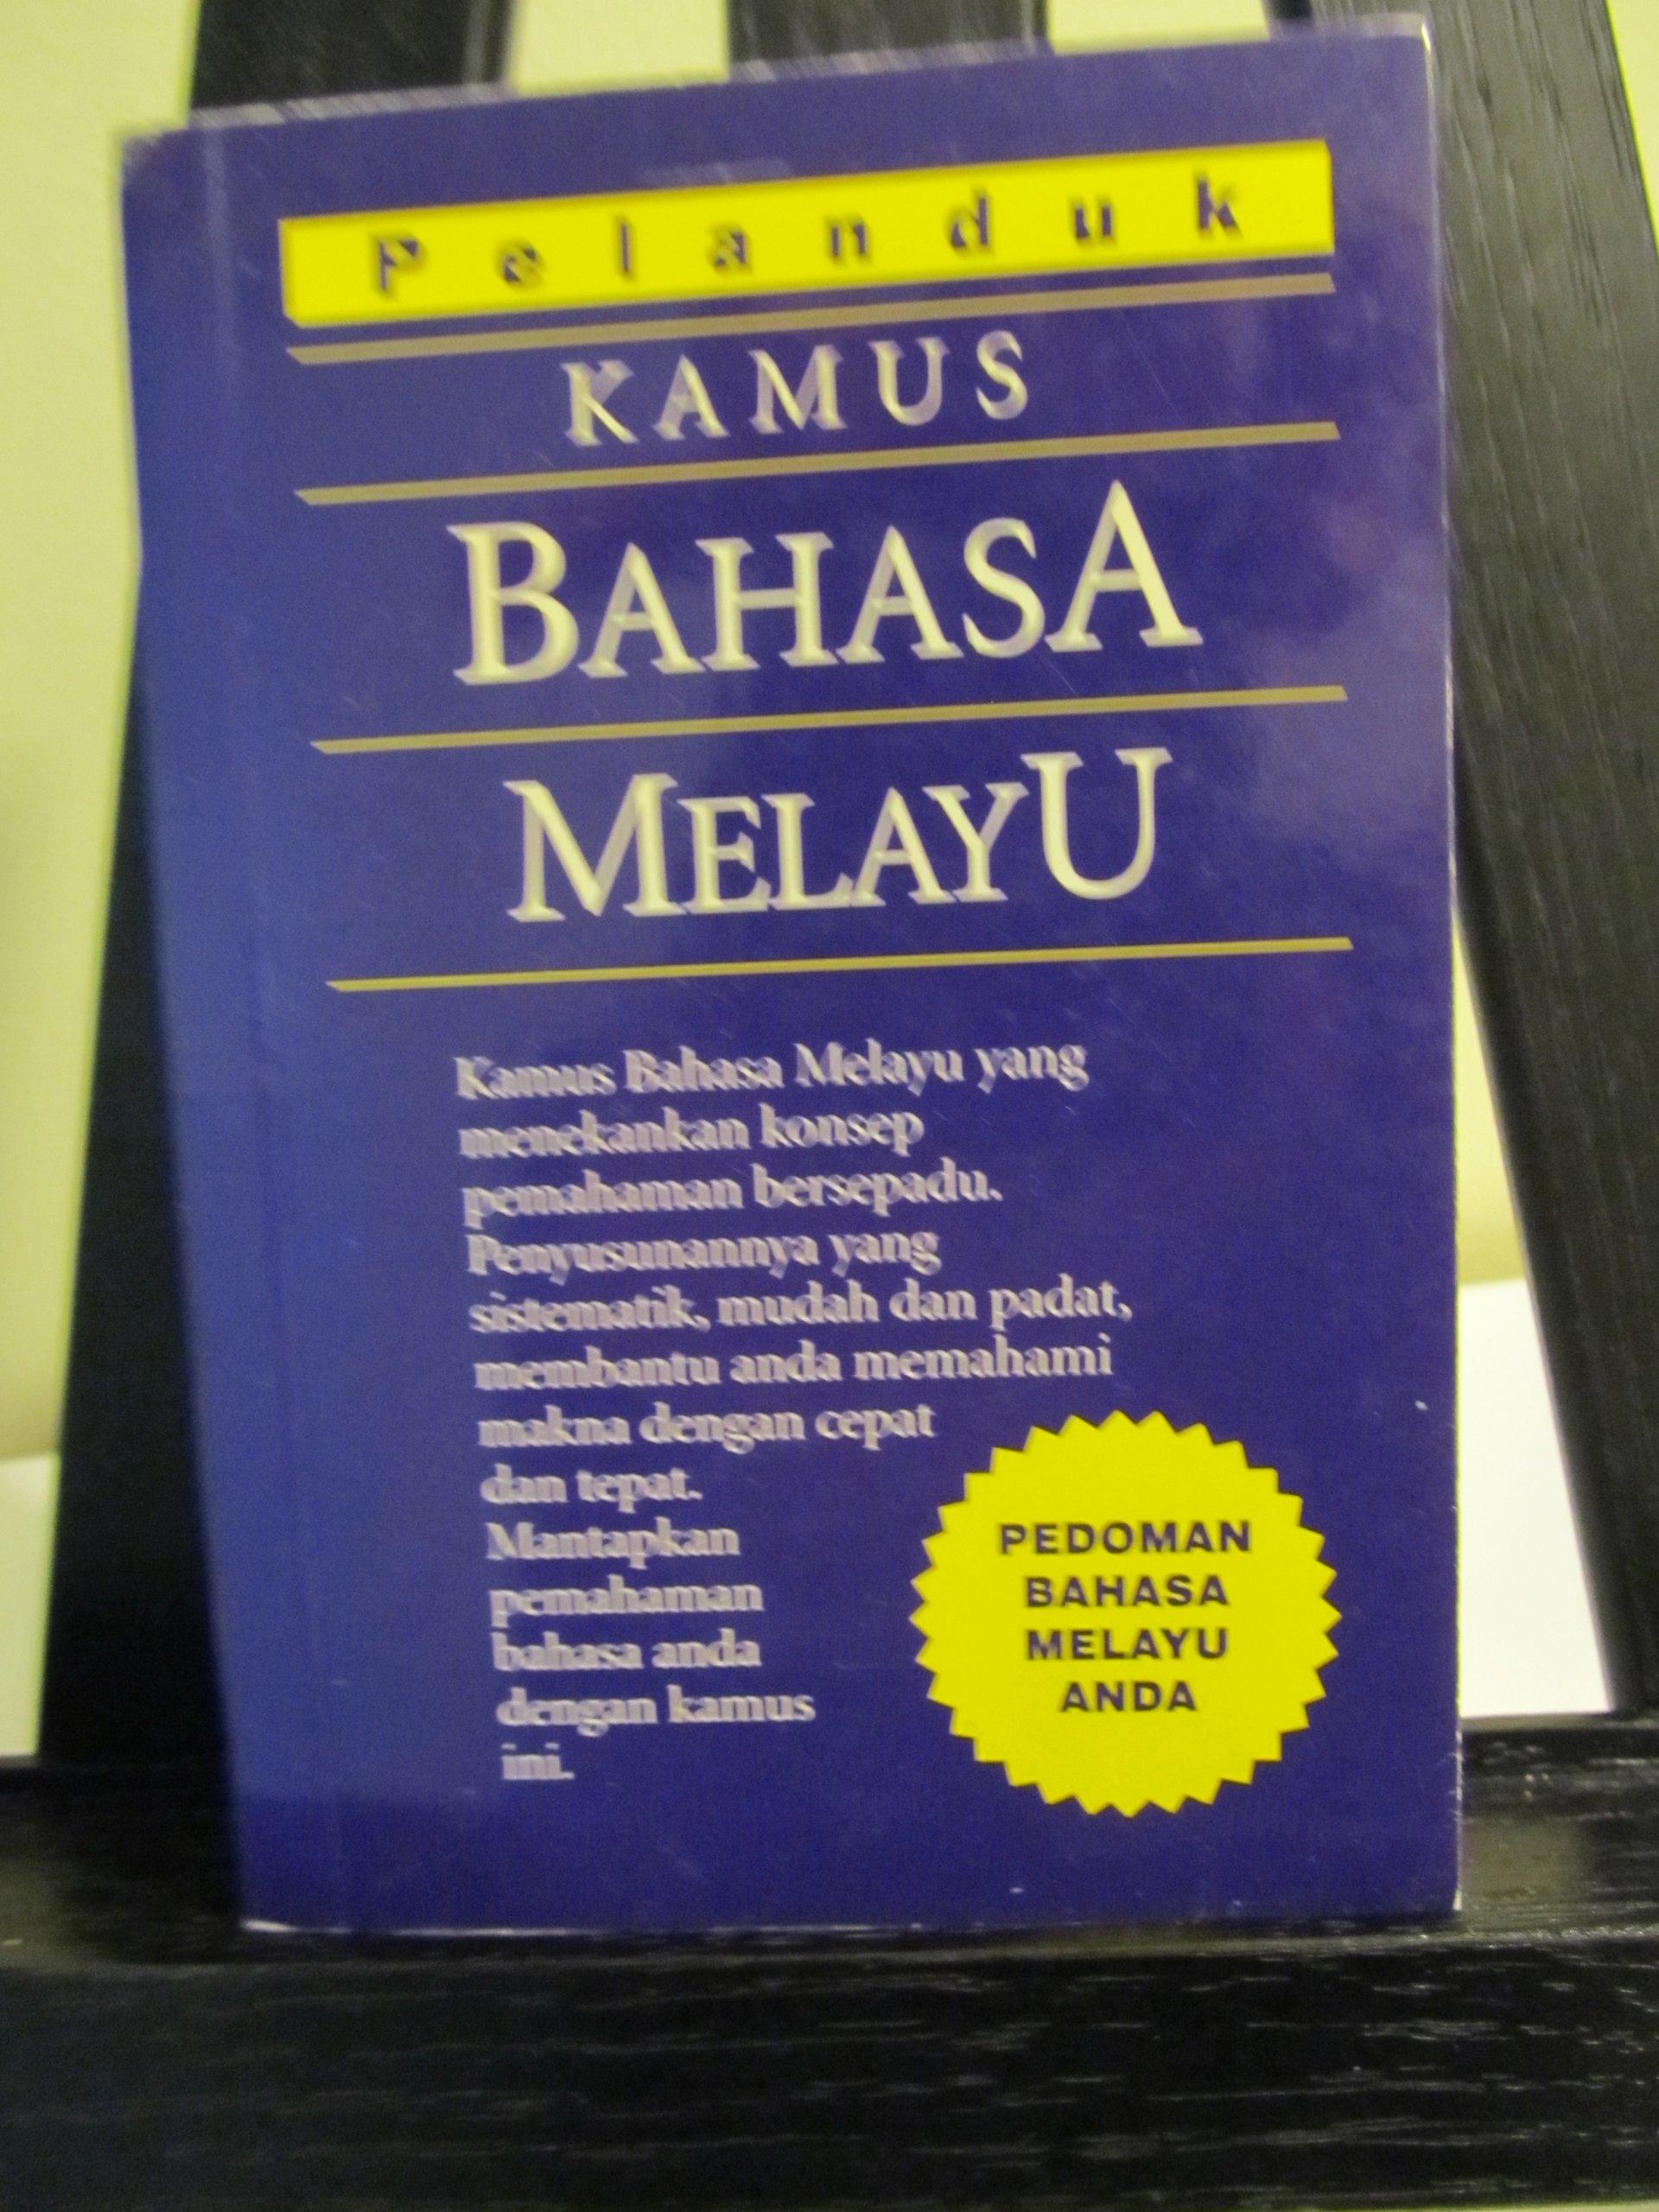 Kamus Bahasa Melayu Malay Malay Dictionary Anon 9789679787290 Amazon Com Books